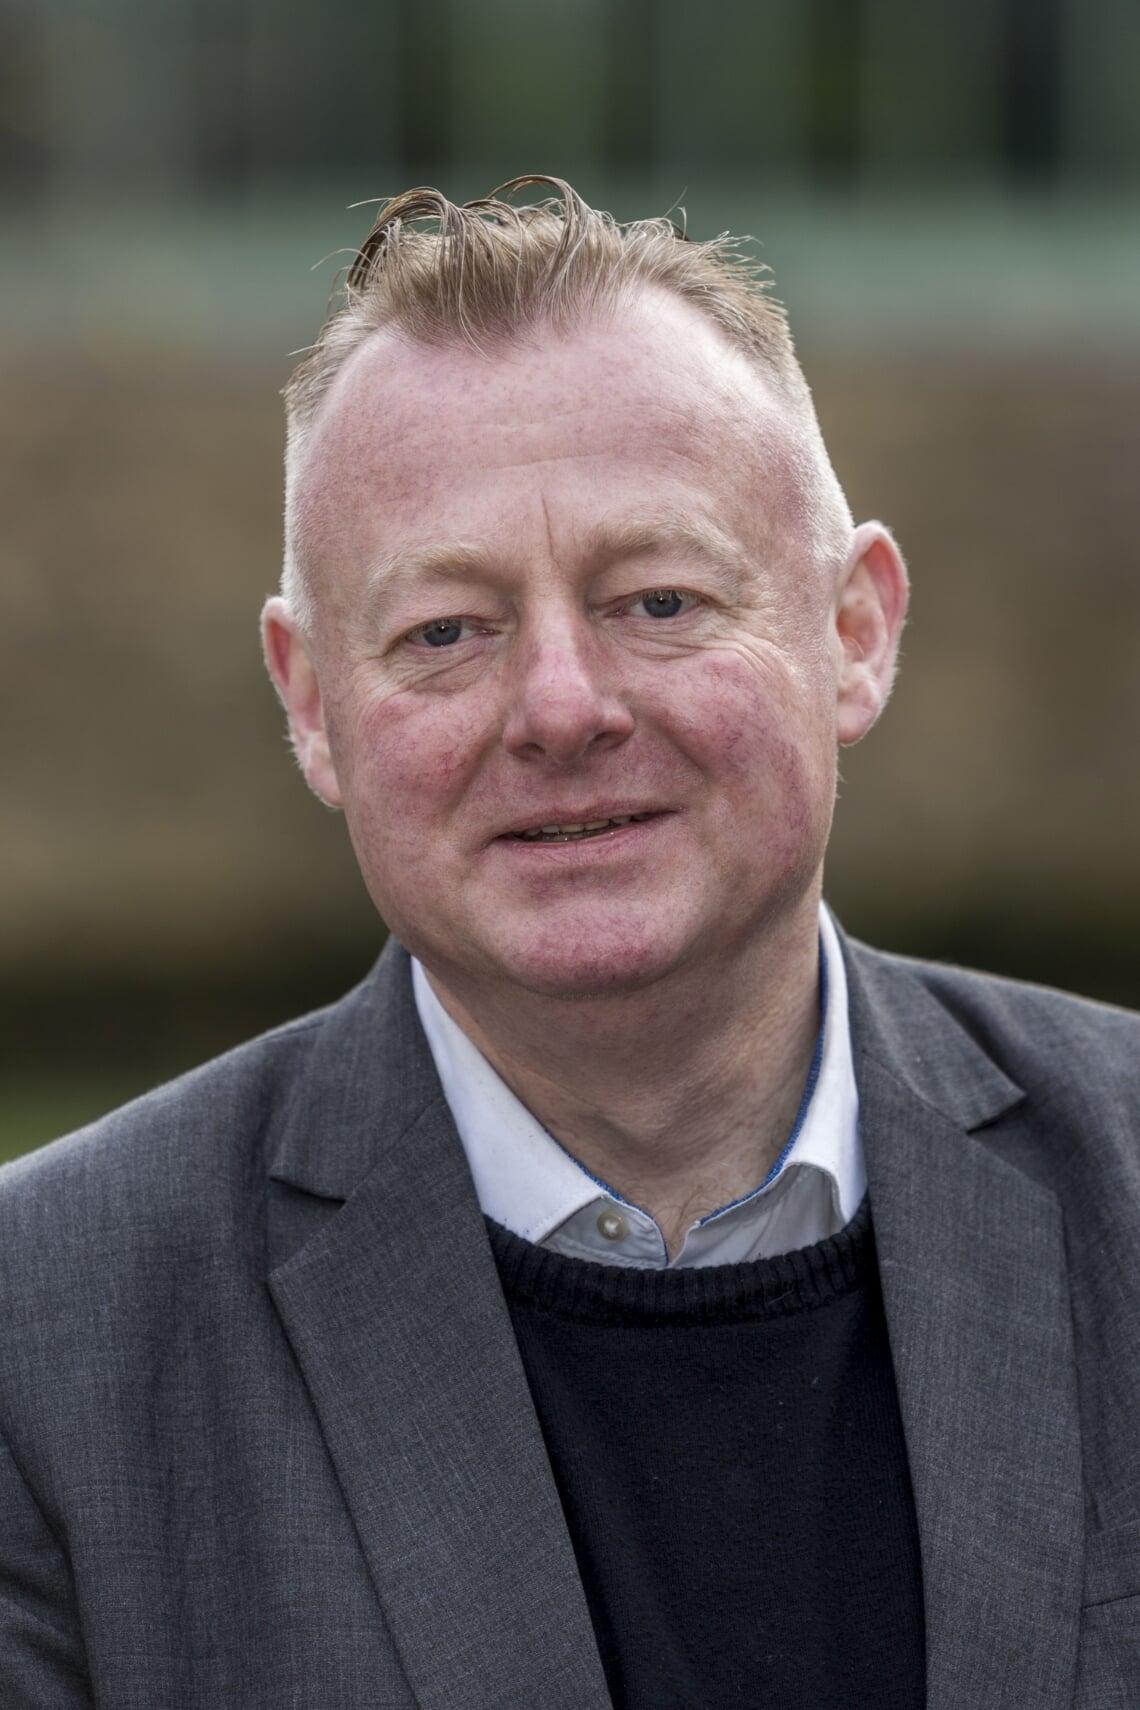 <p>Oud-wethouder Eric van den Broek is de nieuwe voorzitter van de stichting.</p>